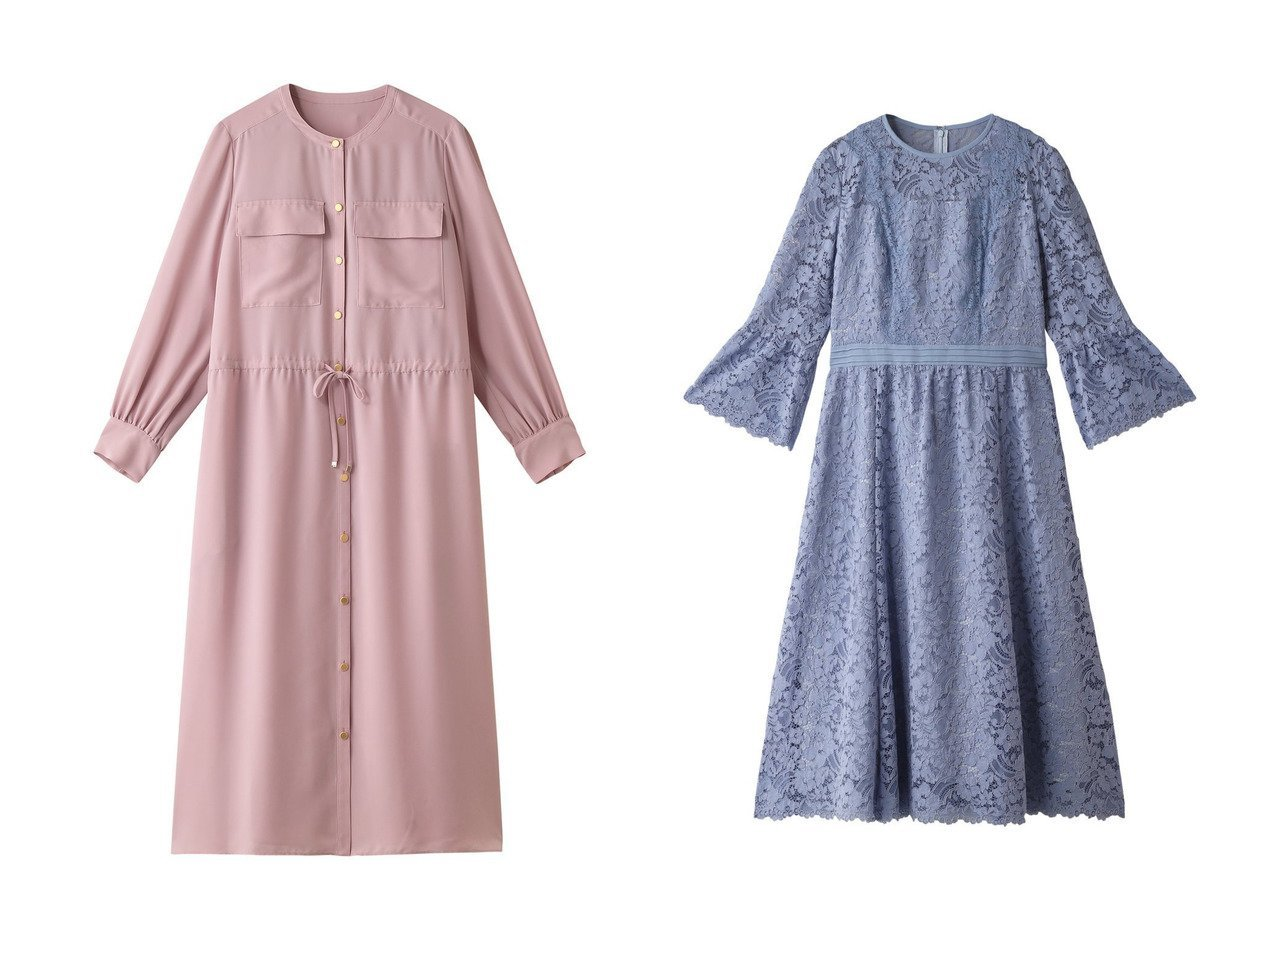 【ANAYI/アナイ】のドレープファイユクルーネックワンピース&フラワーコードレースフレアワンピース ワンピース・ドレスのおすすめ!人気、トレンド・レディースファッションの通販 おすすめで人気の流行・トレンド、ファッションの通販商品 メンズファッション・キッズファッション・インテリア・家具・レディースファッション・服の通販 founy(ファニー) https://founy.com/ ファッション Fashion レディースファッション WOMEN ワンピース Dress エアリー スリット フラップ ポケット 再入荷 Restock/Back in Stock/Re Arrival |ID:crp329100000013075